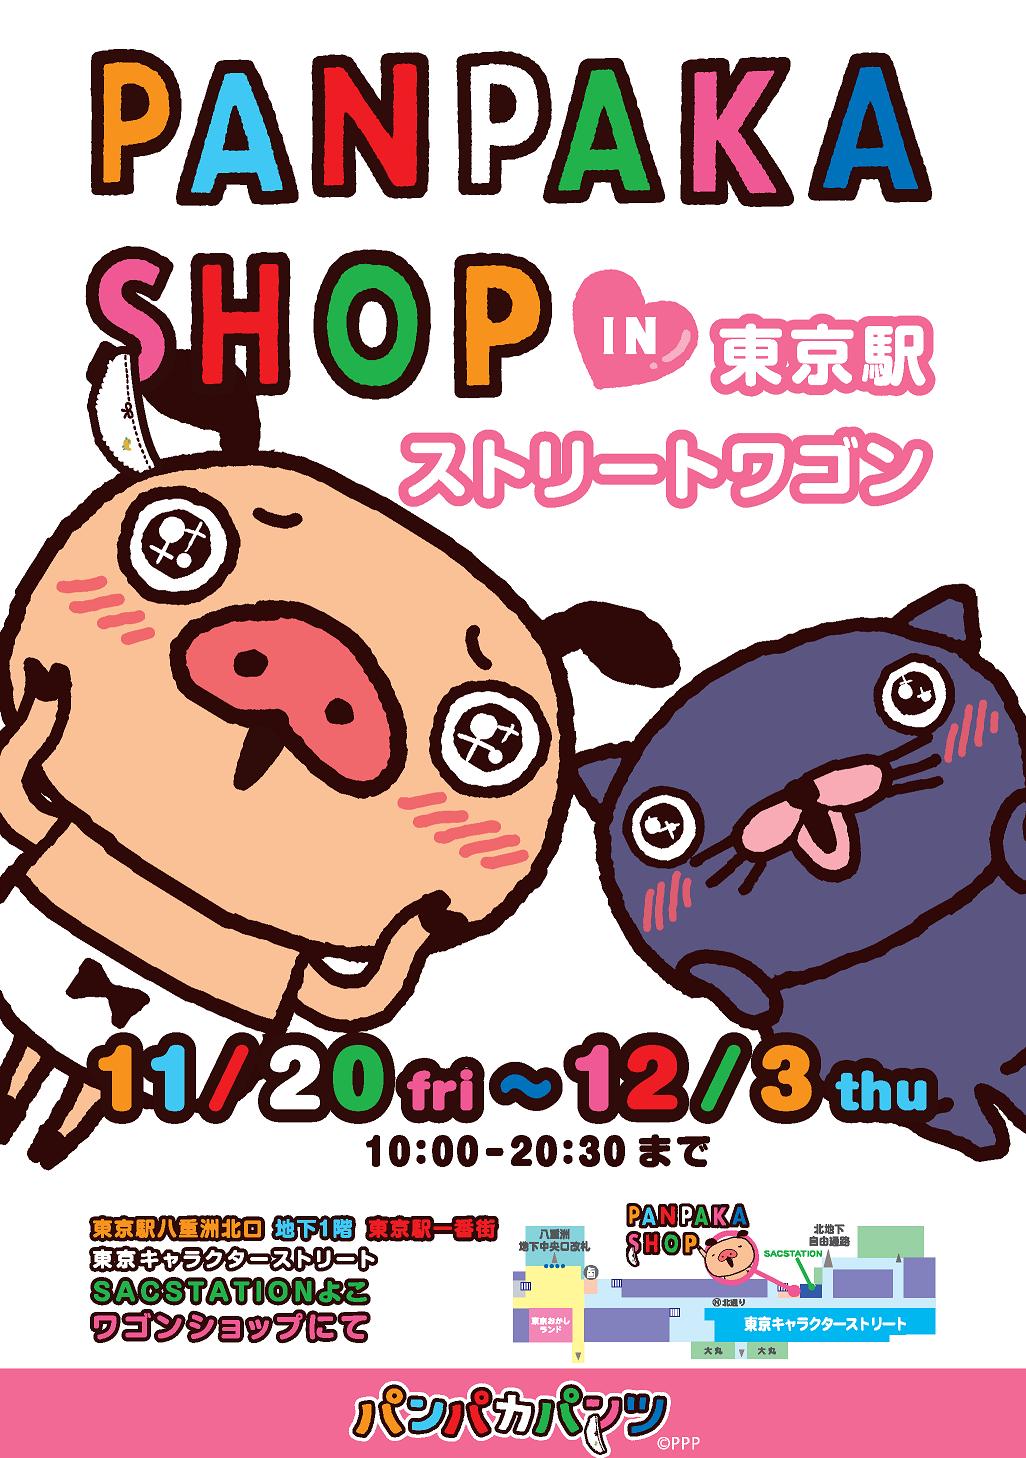 11/20~12/3東京駅でパンパカパンツのグッズが買える!